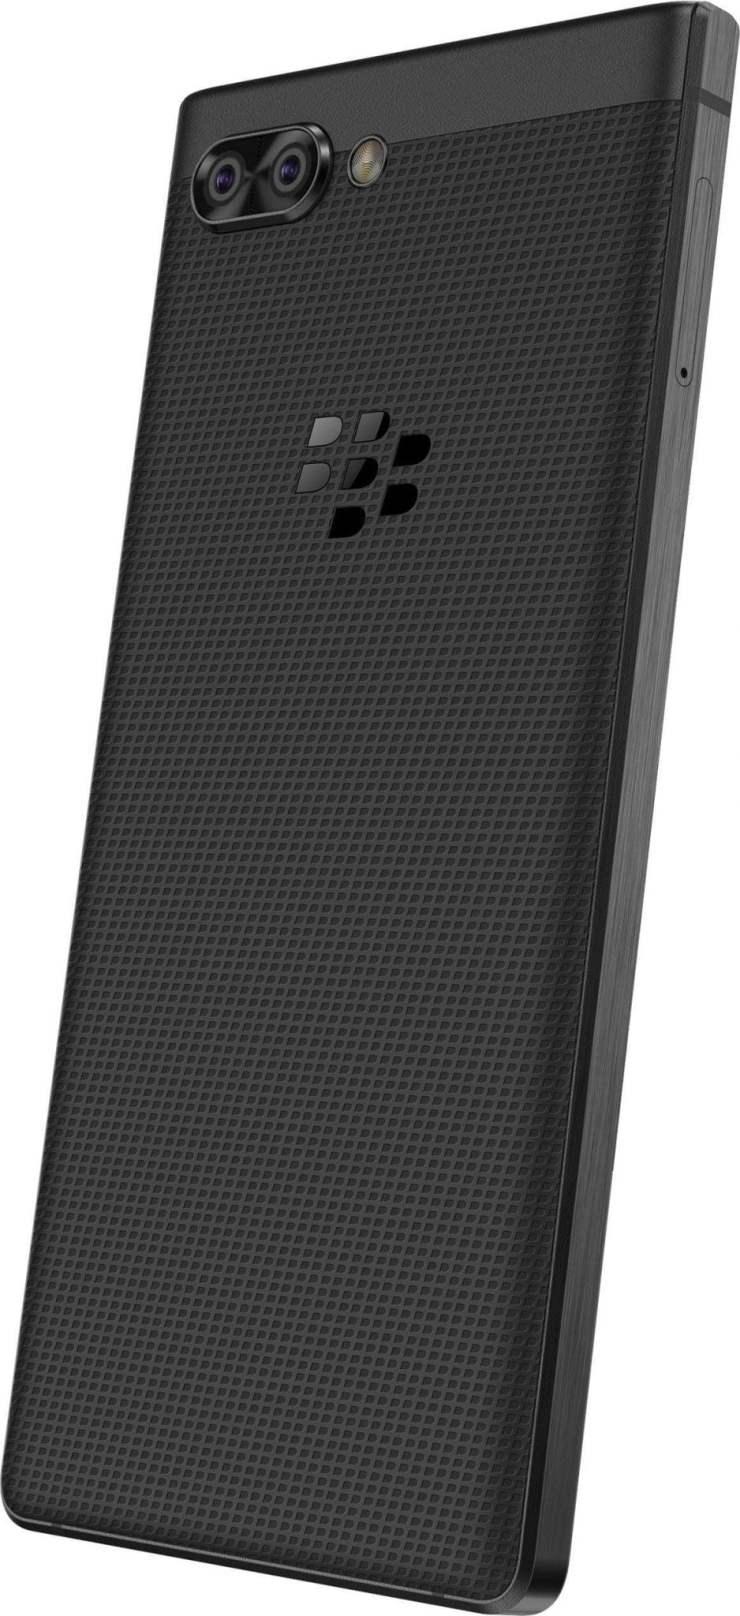 Blackberry Key2 Rear